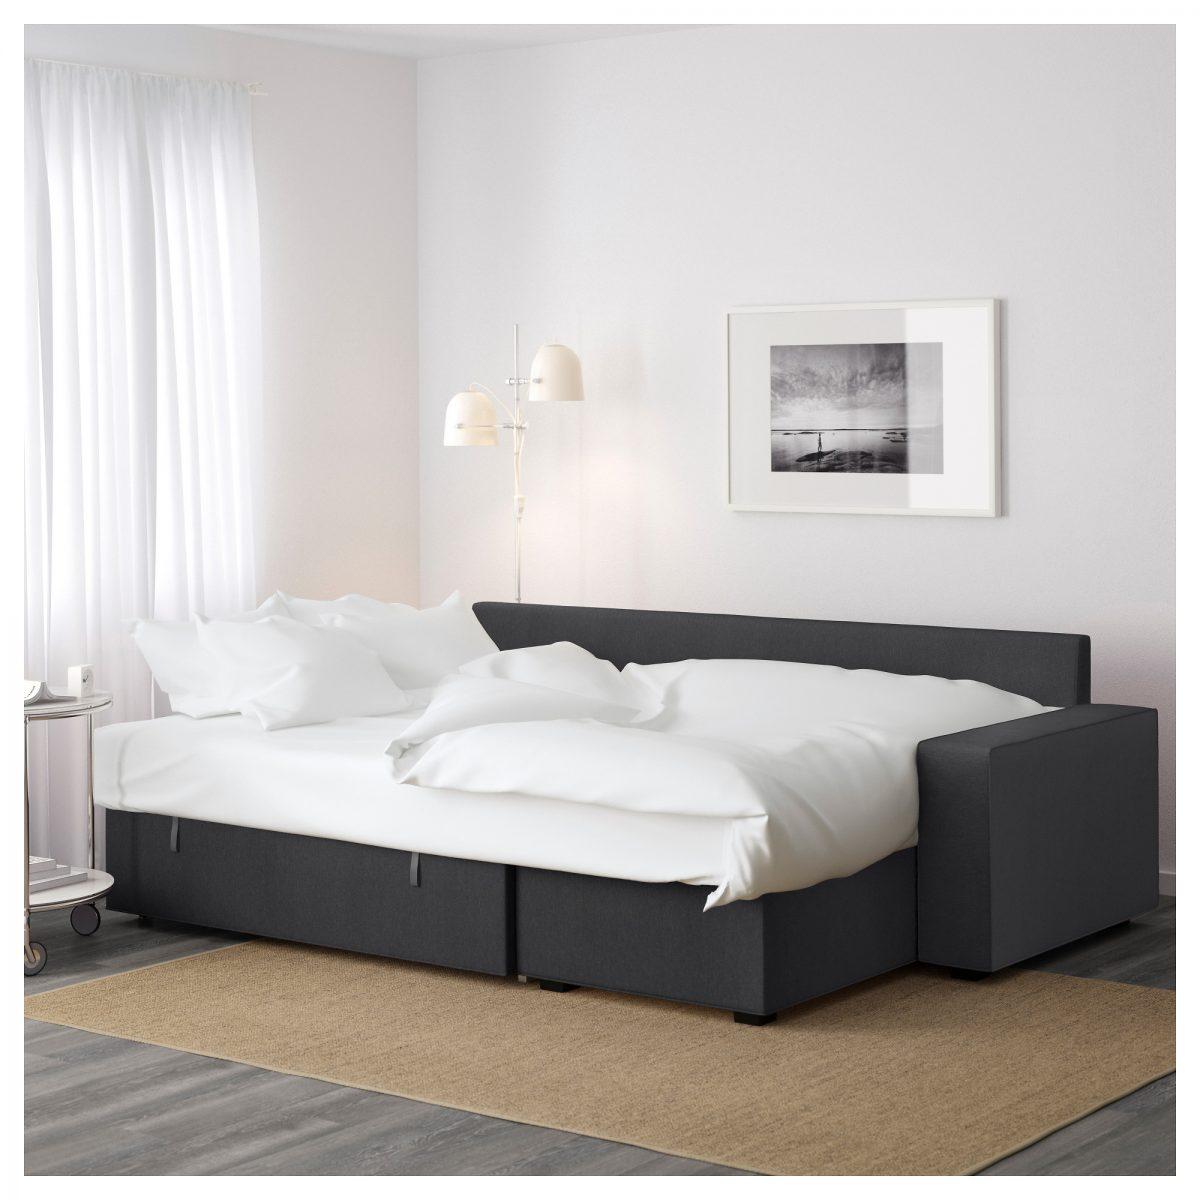 divano-letto-vilasund-aperto